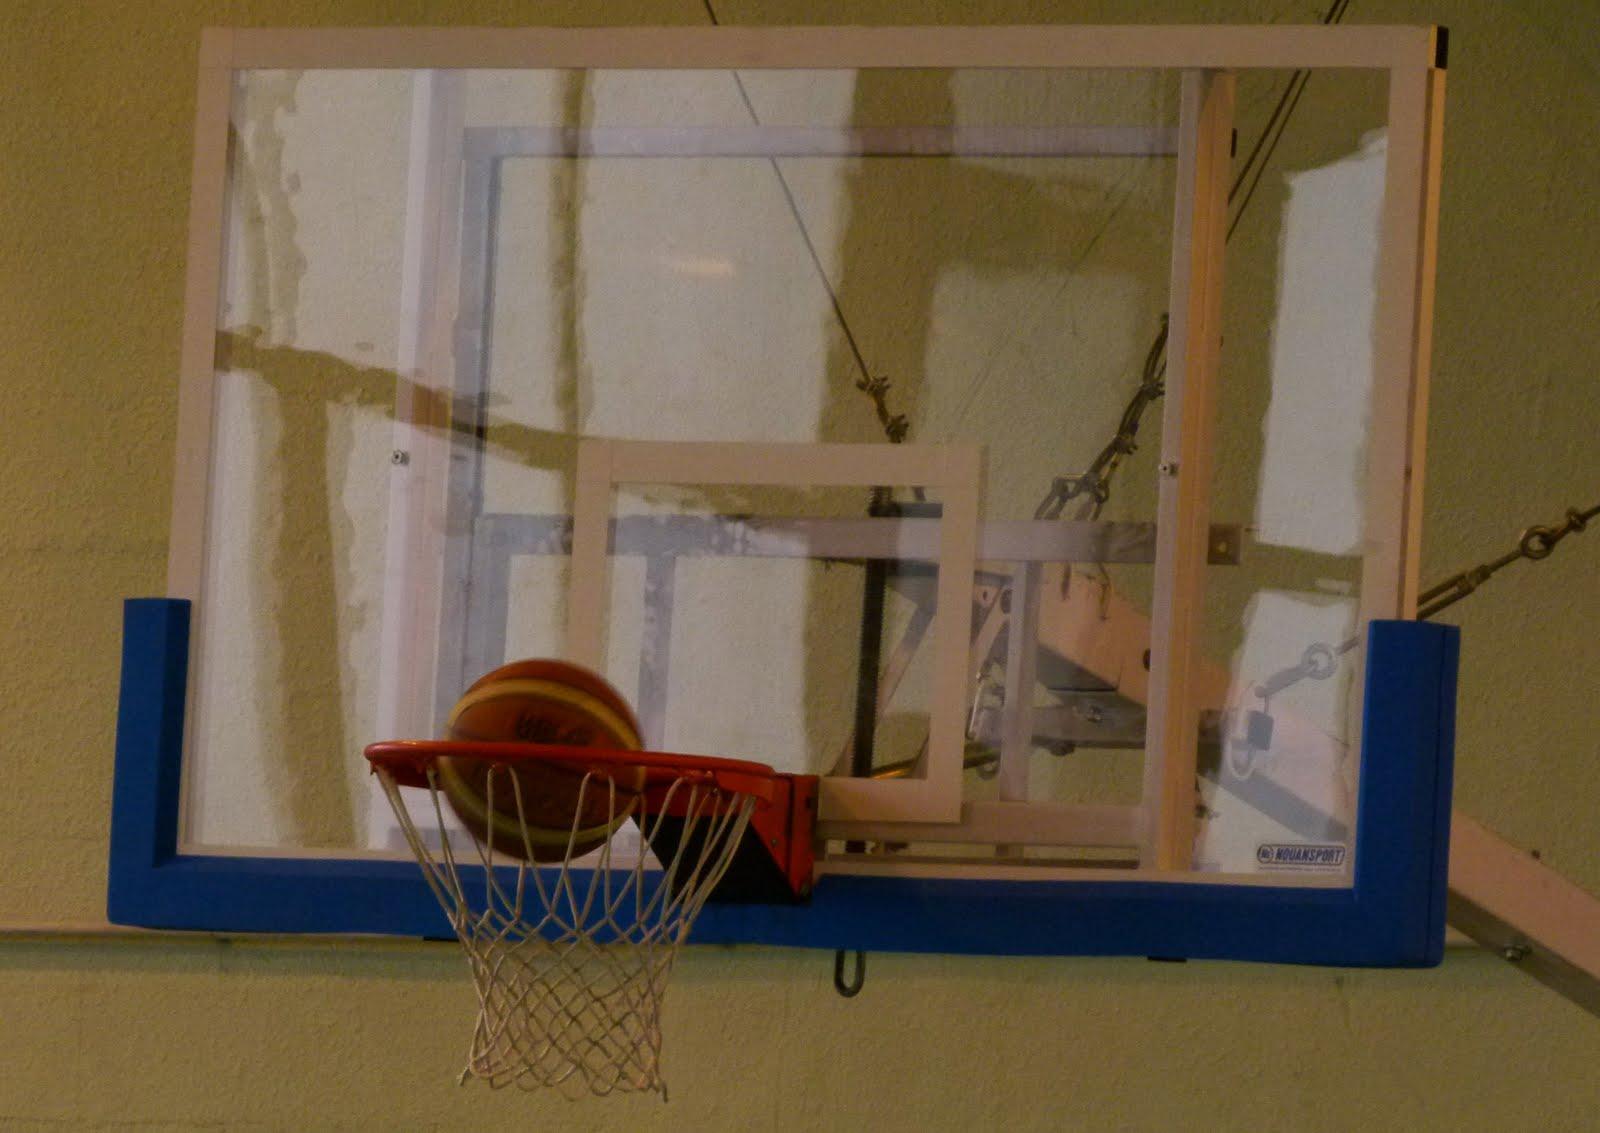 notre dame d 39 o de nouveaux panneaux de basket salle kobzick. Black Bedroom Furniture Sets. Home Design Ideas